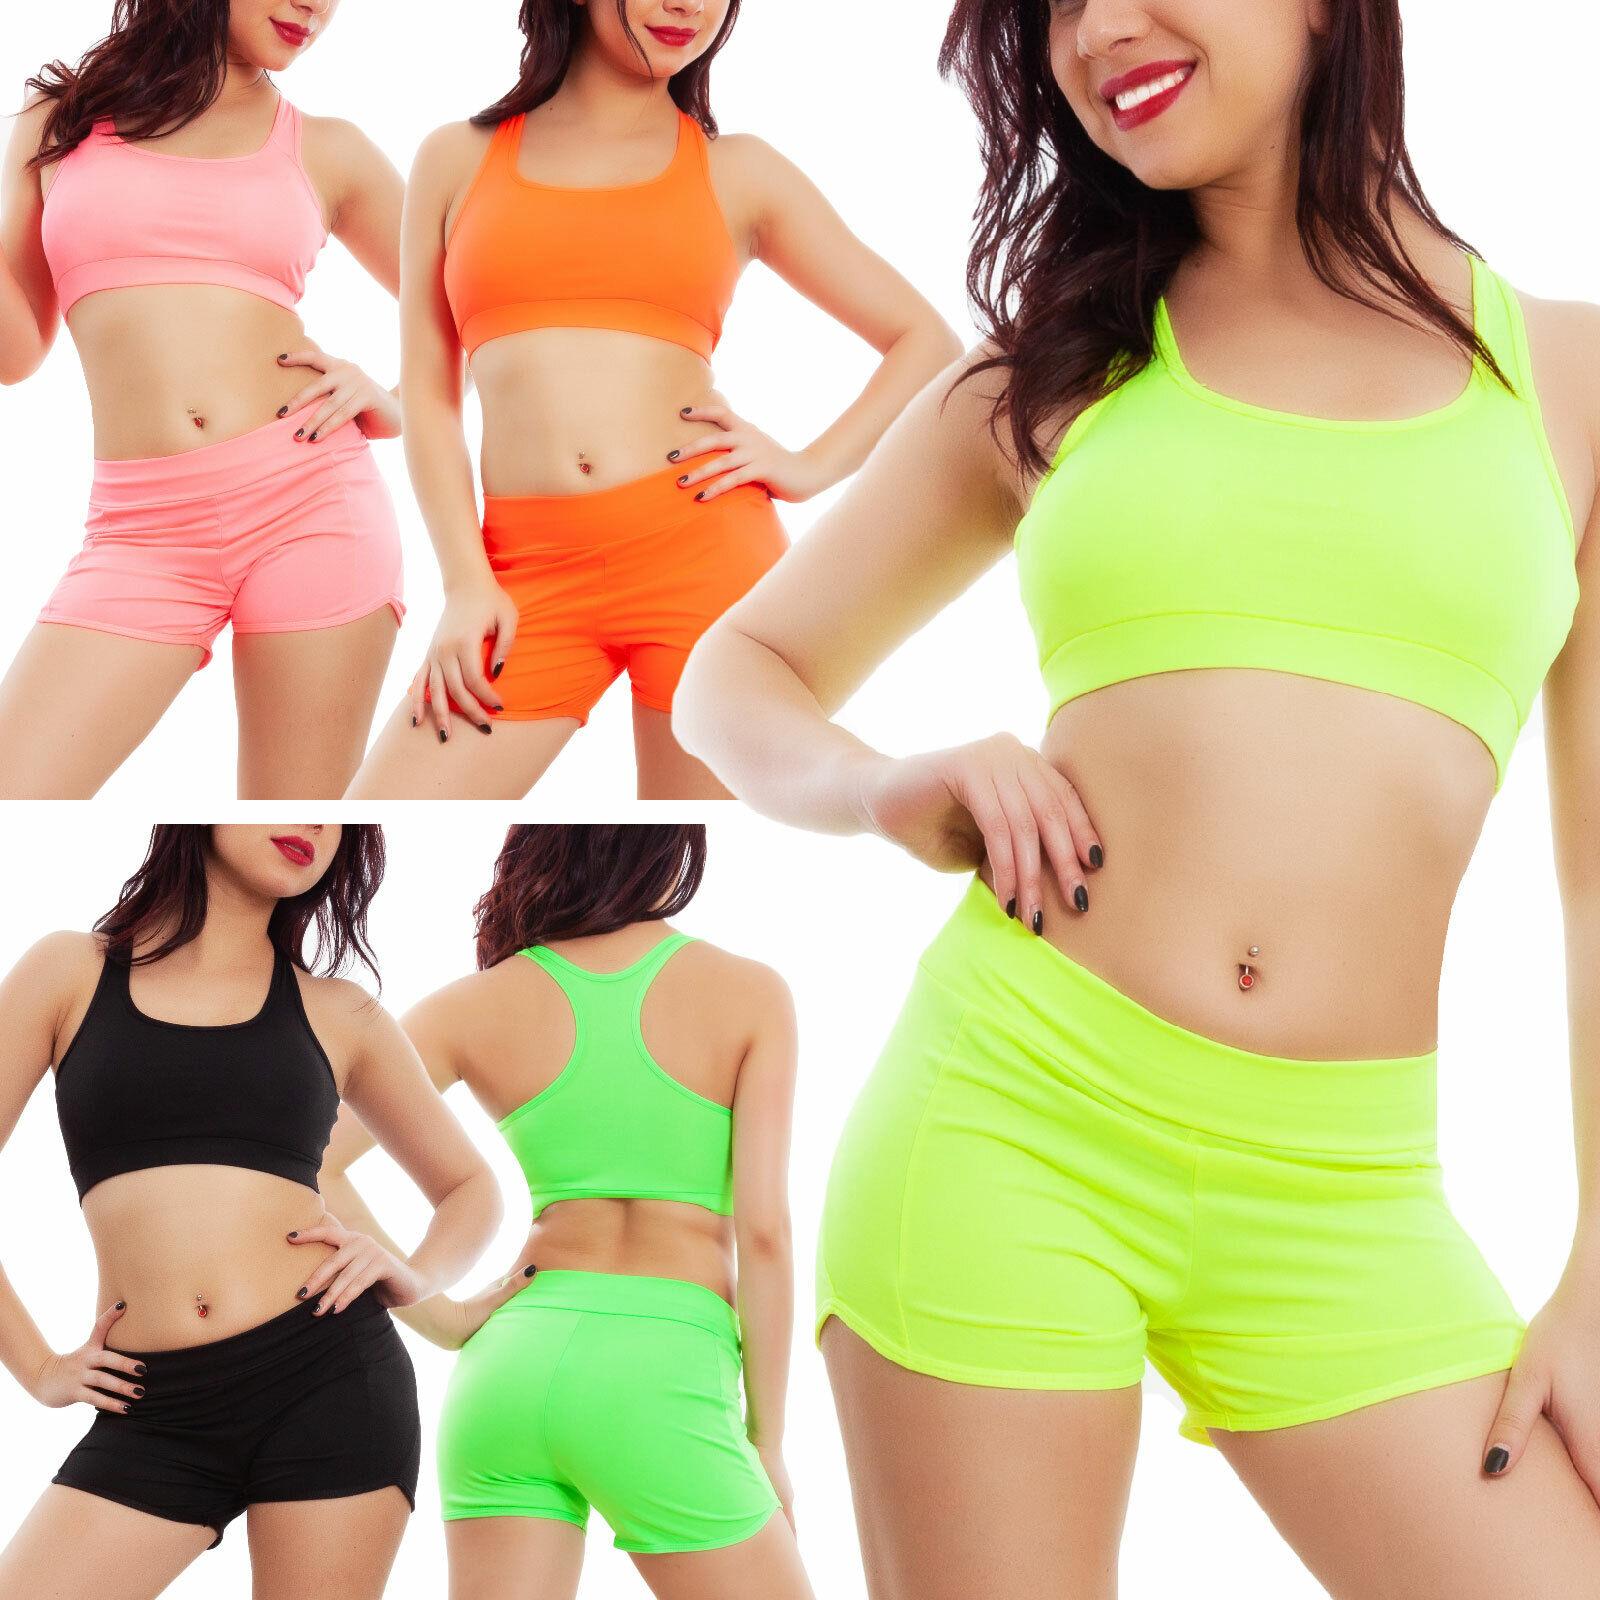 Completo Mujer Deportivo Colores Neon Top Shorts Cortos Toocool Hyx4571 Ebay